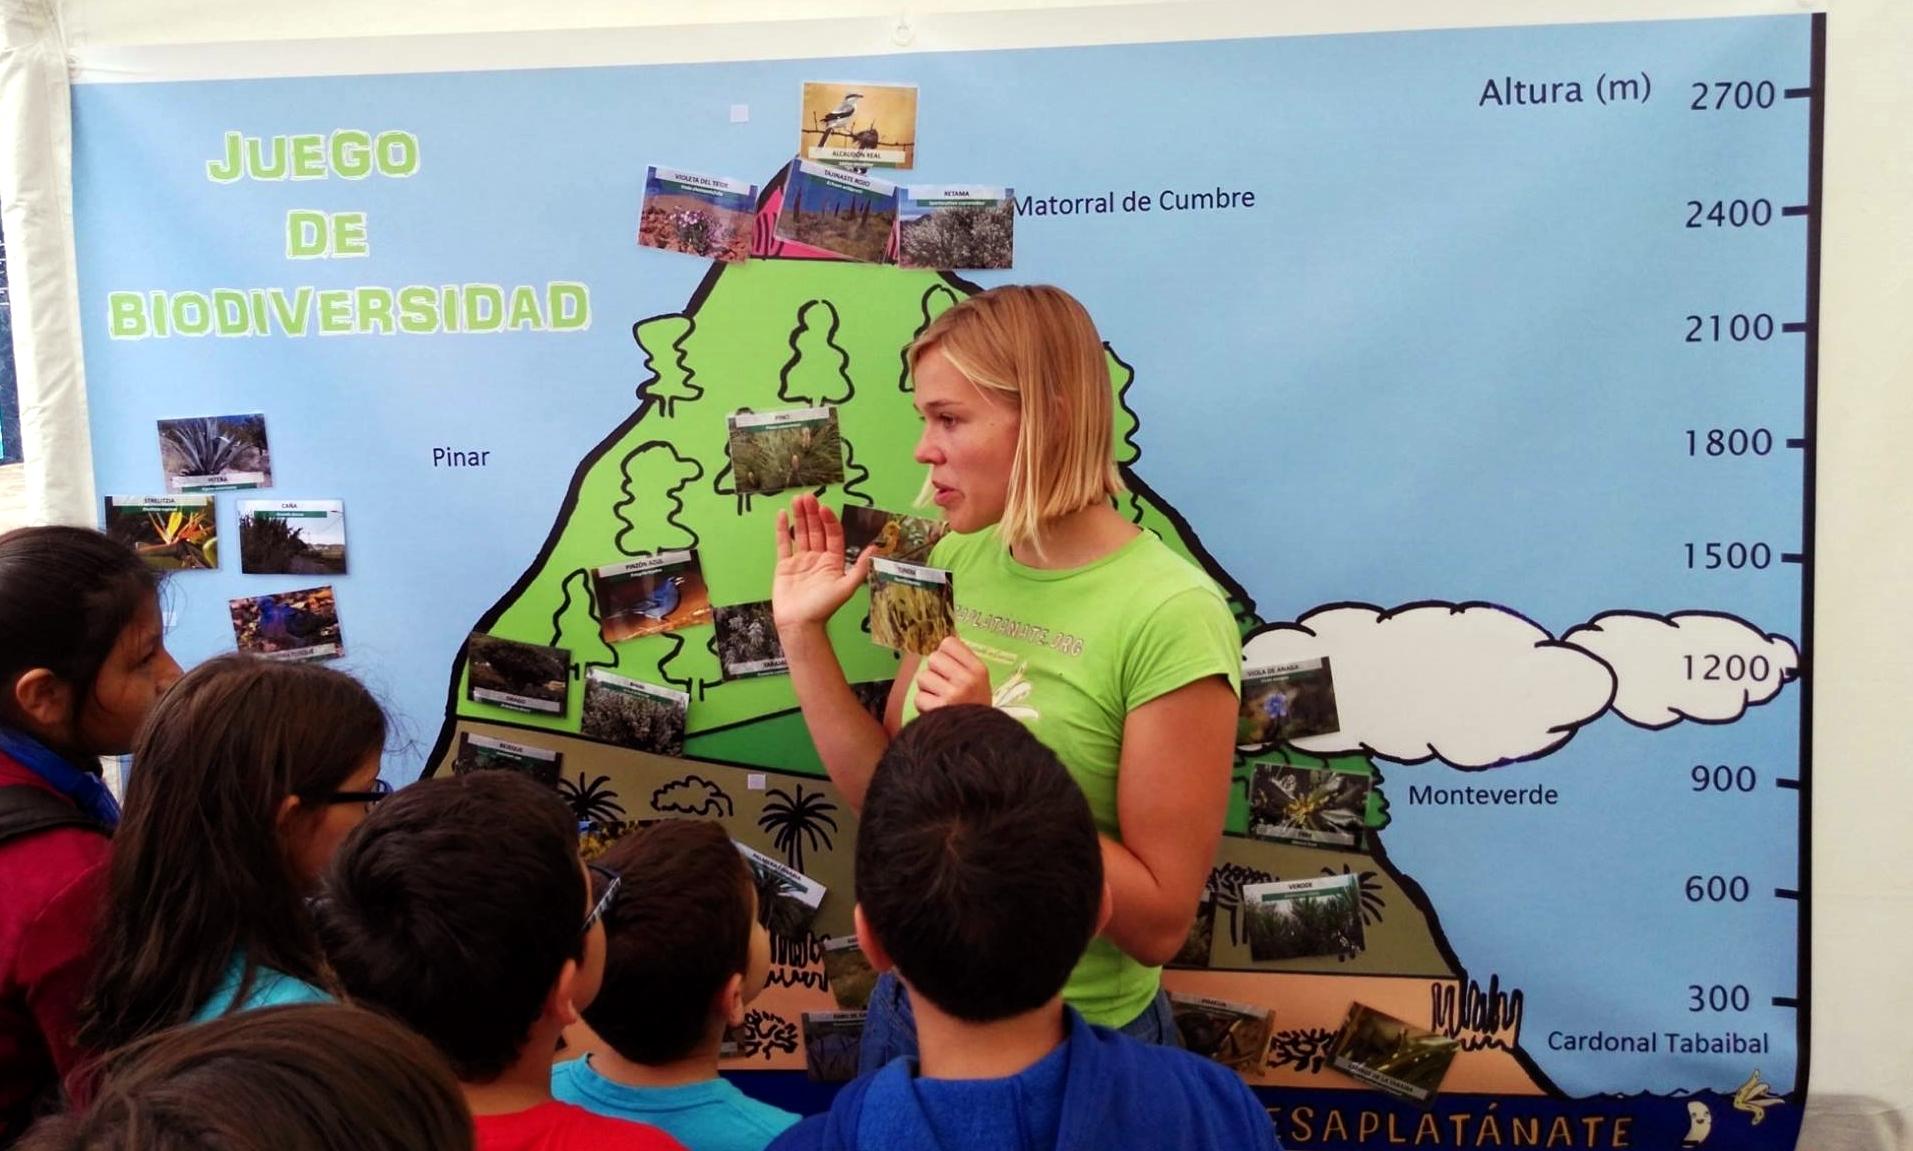 Auswanderin Tanja arbeitet nicht nur als Tourguide auf Teneriffa, sondern engagiert sich auch ehrenamtlich.